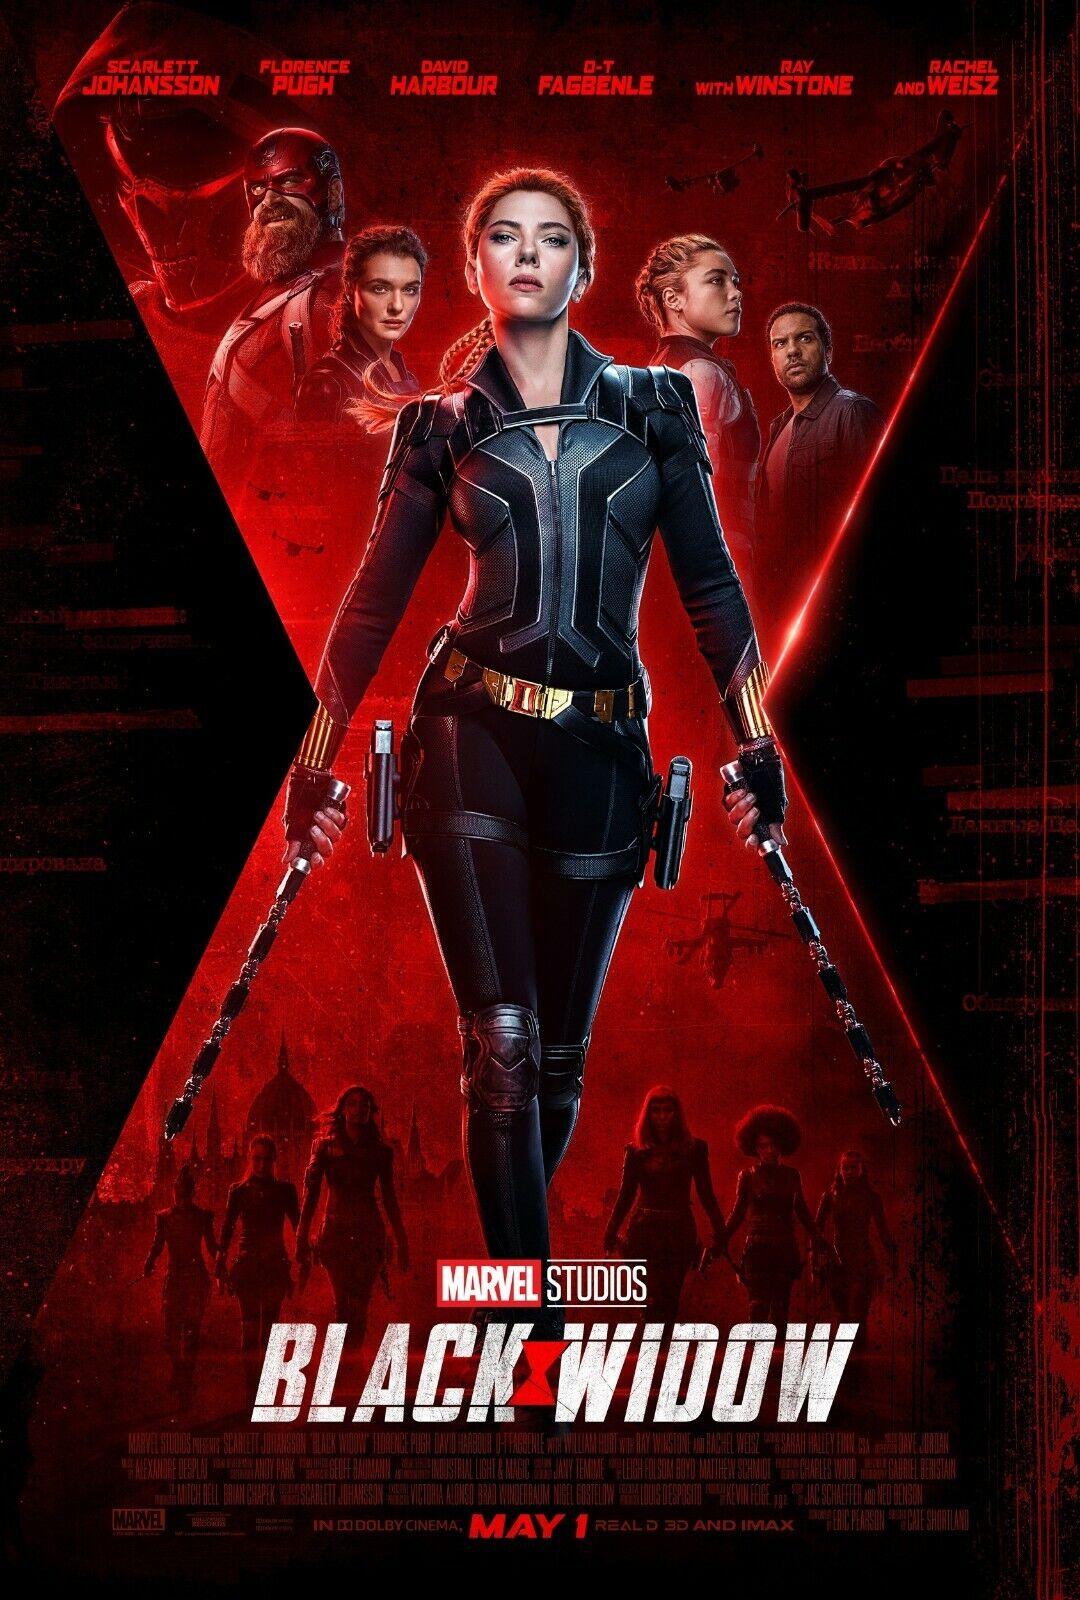 Black Widow movie poster (d)  - 11 x 17 -  Scarlett Johansson